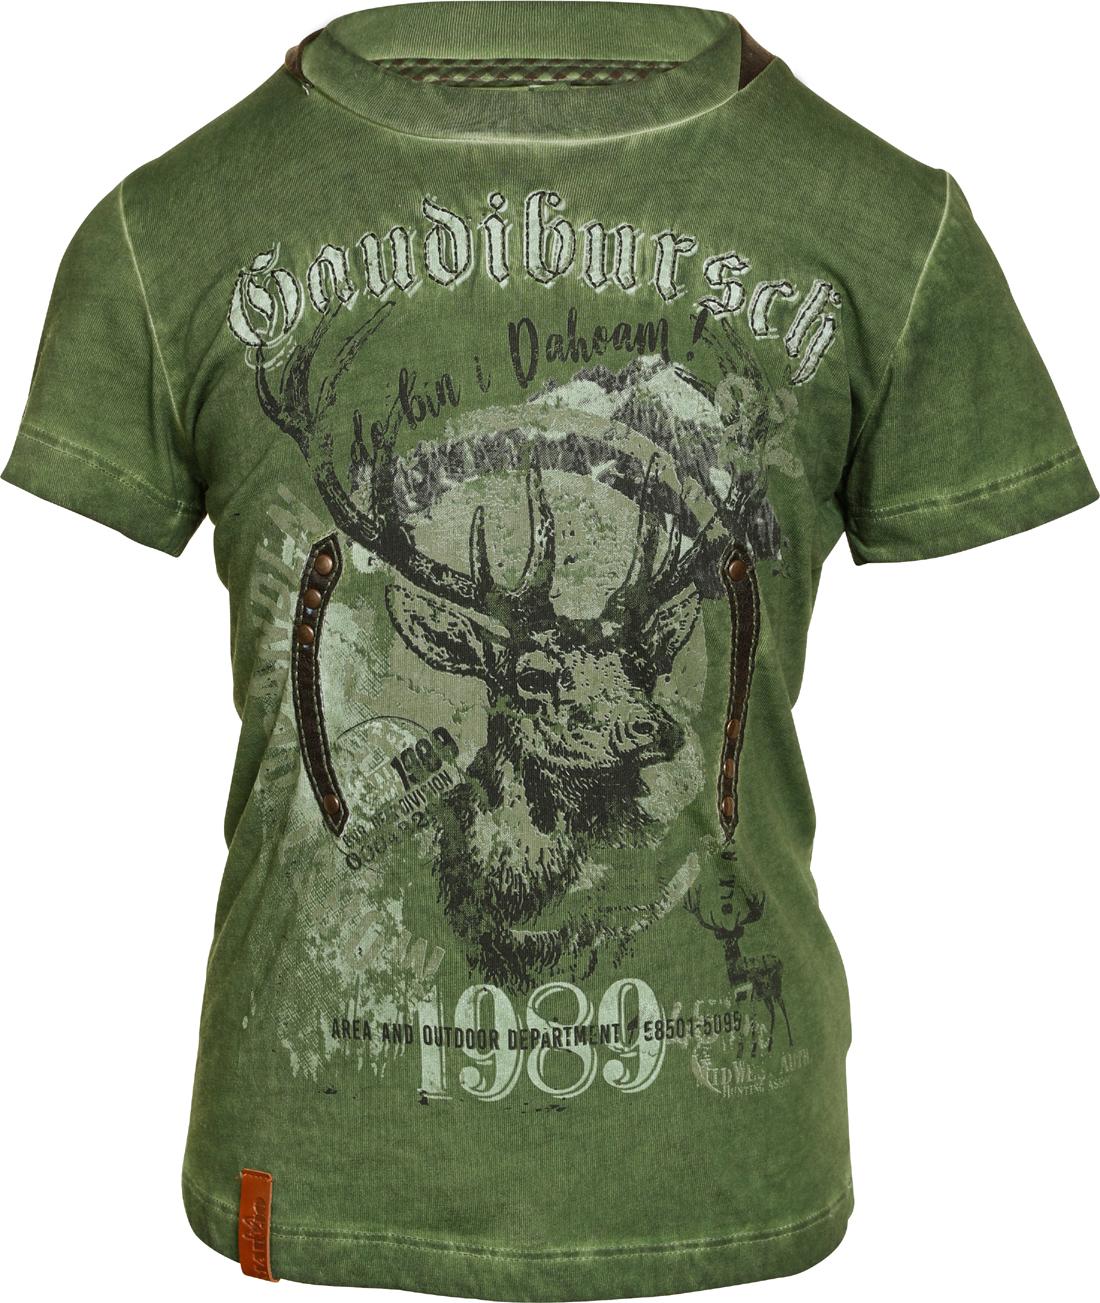 reputable site 08edd 7d021 Kinder Trachten T-Shirt Trachtenshirt Gaudibursch grün Marjo